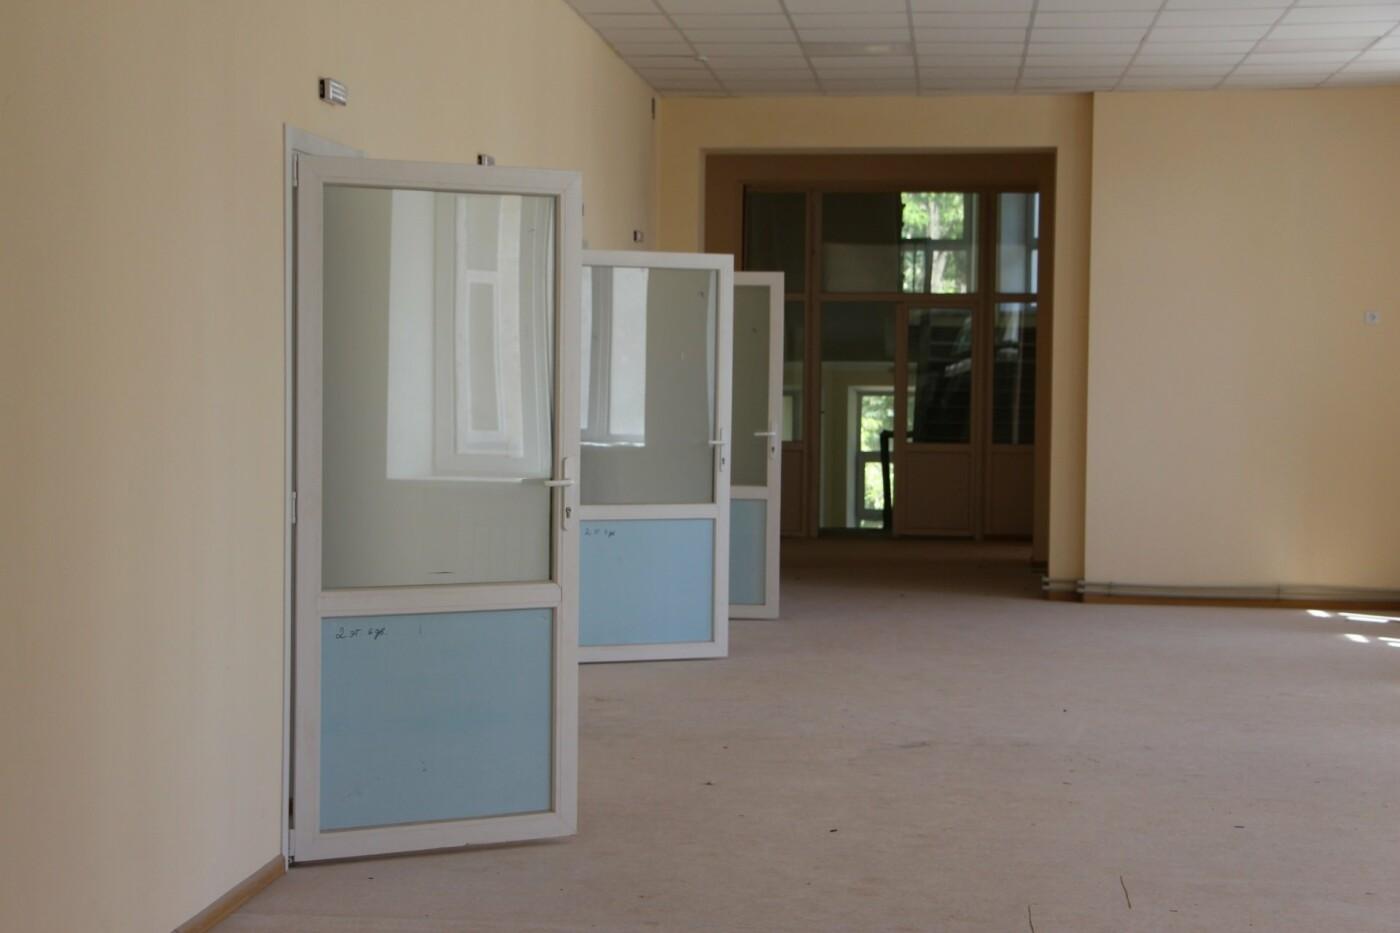 В Шевченковском районе Запорожья заканчивают реконструкцию семейной амбулатории, – ФОТО, фото-2